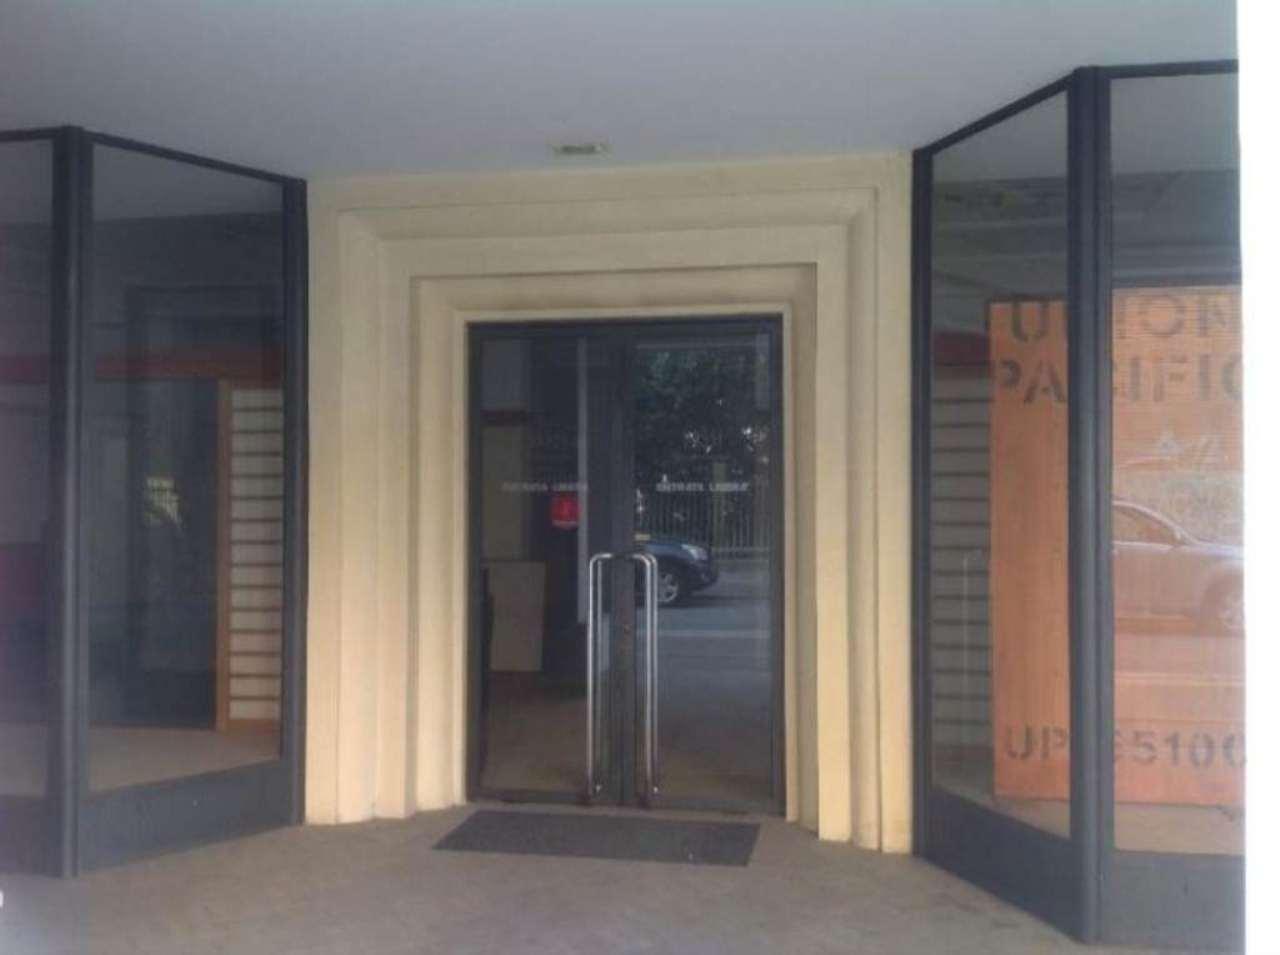 Negozio / Locale in affitto a Cremona, 5 locali, prezzo € 1.700 | Cambio Casa.it